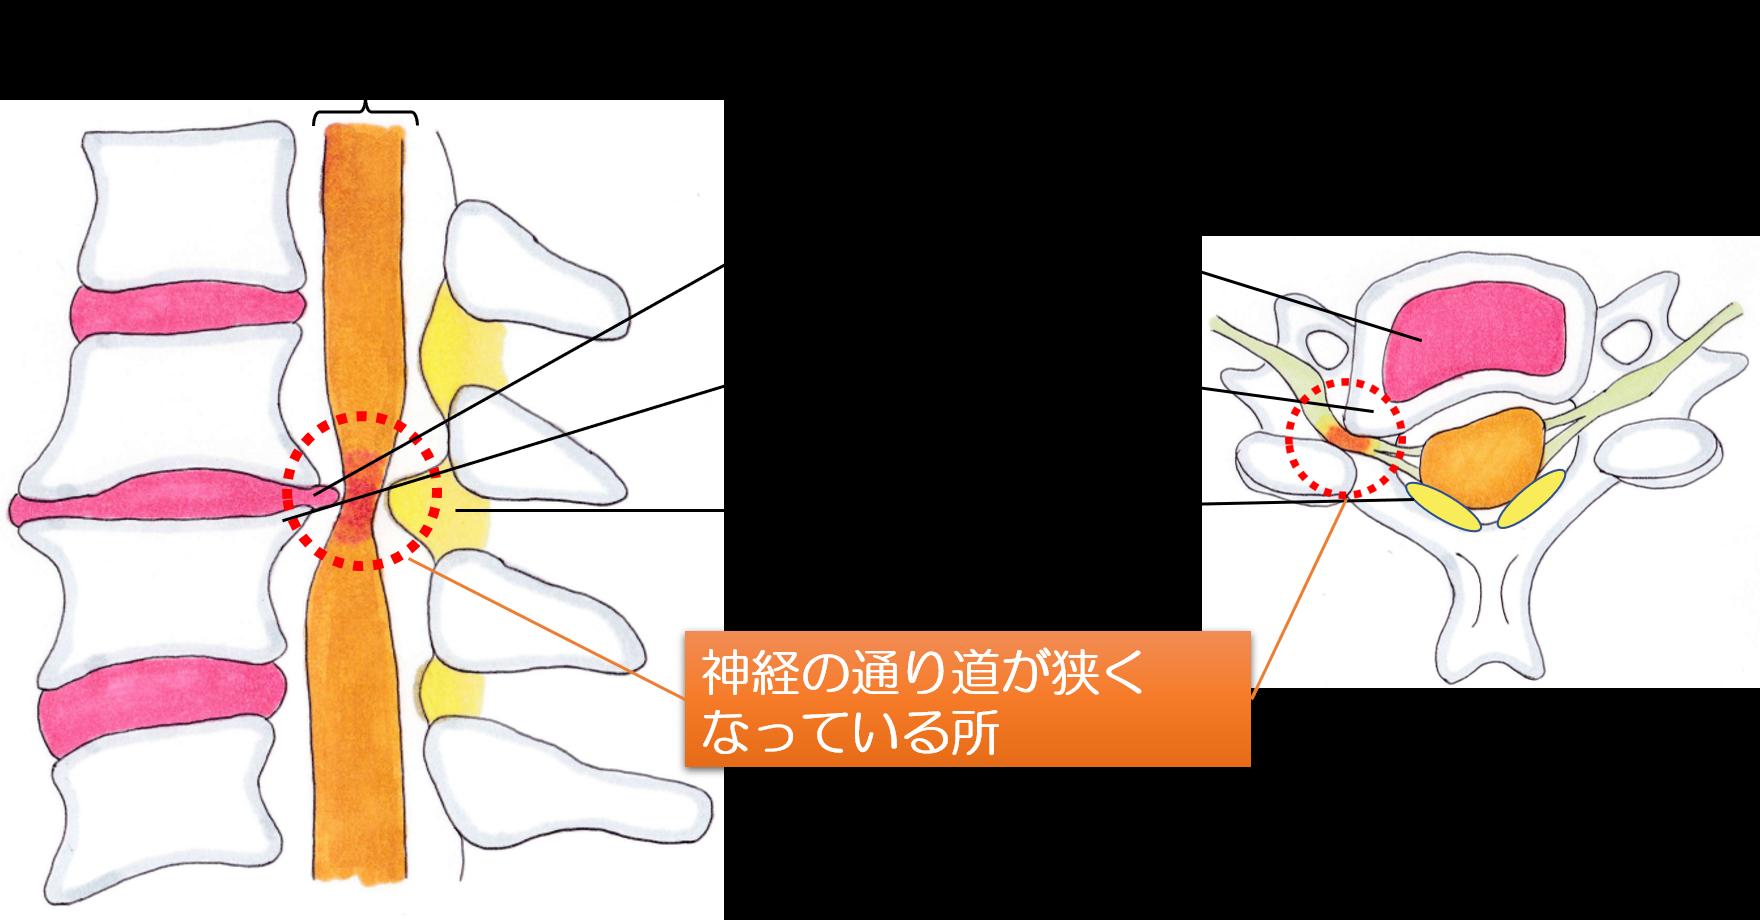 頚椎症性神経根症の画像